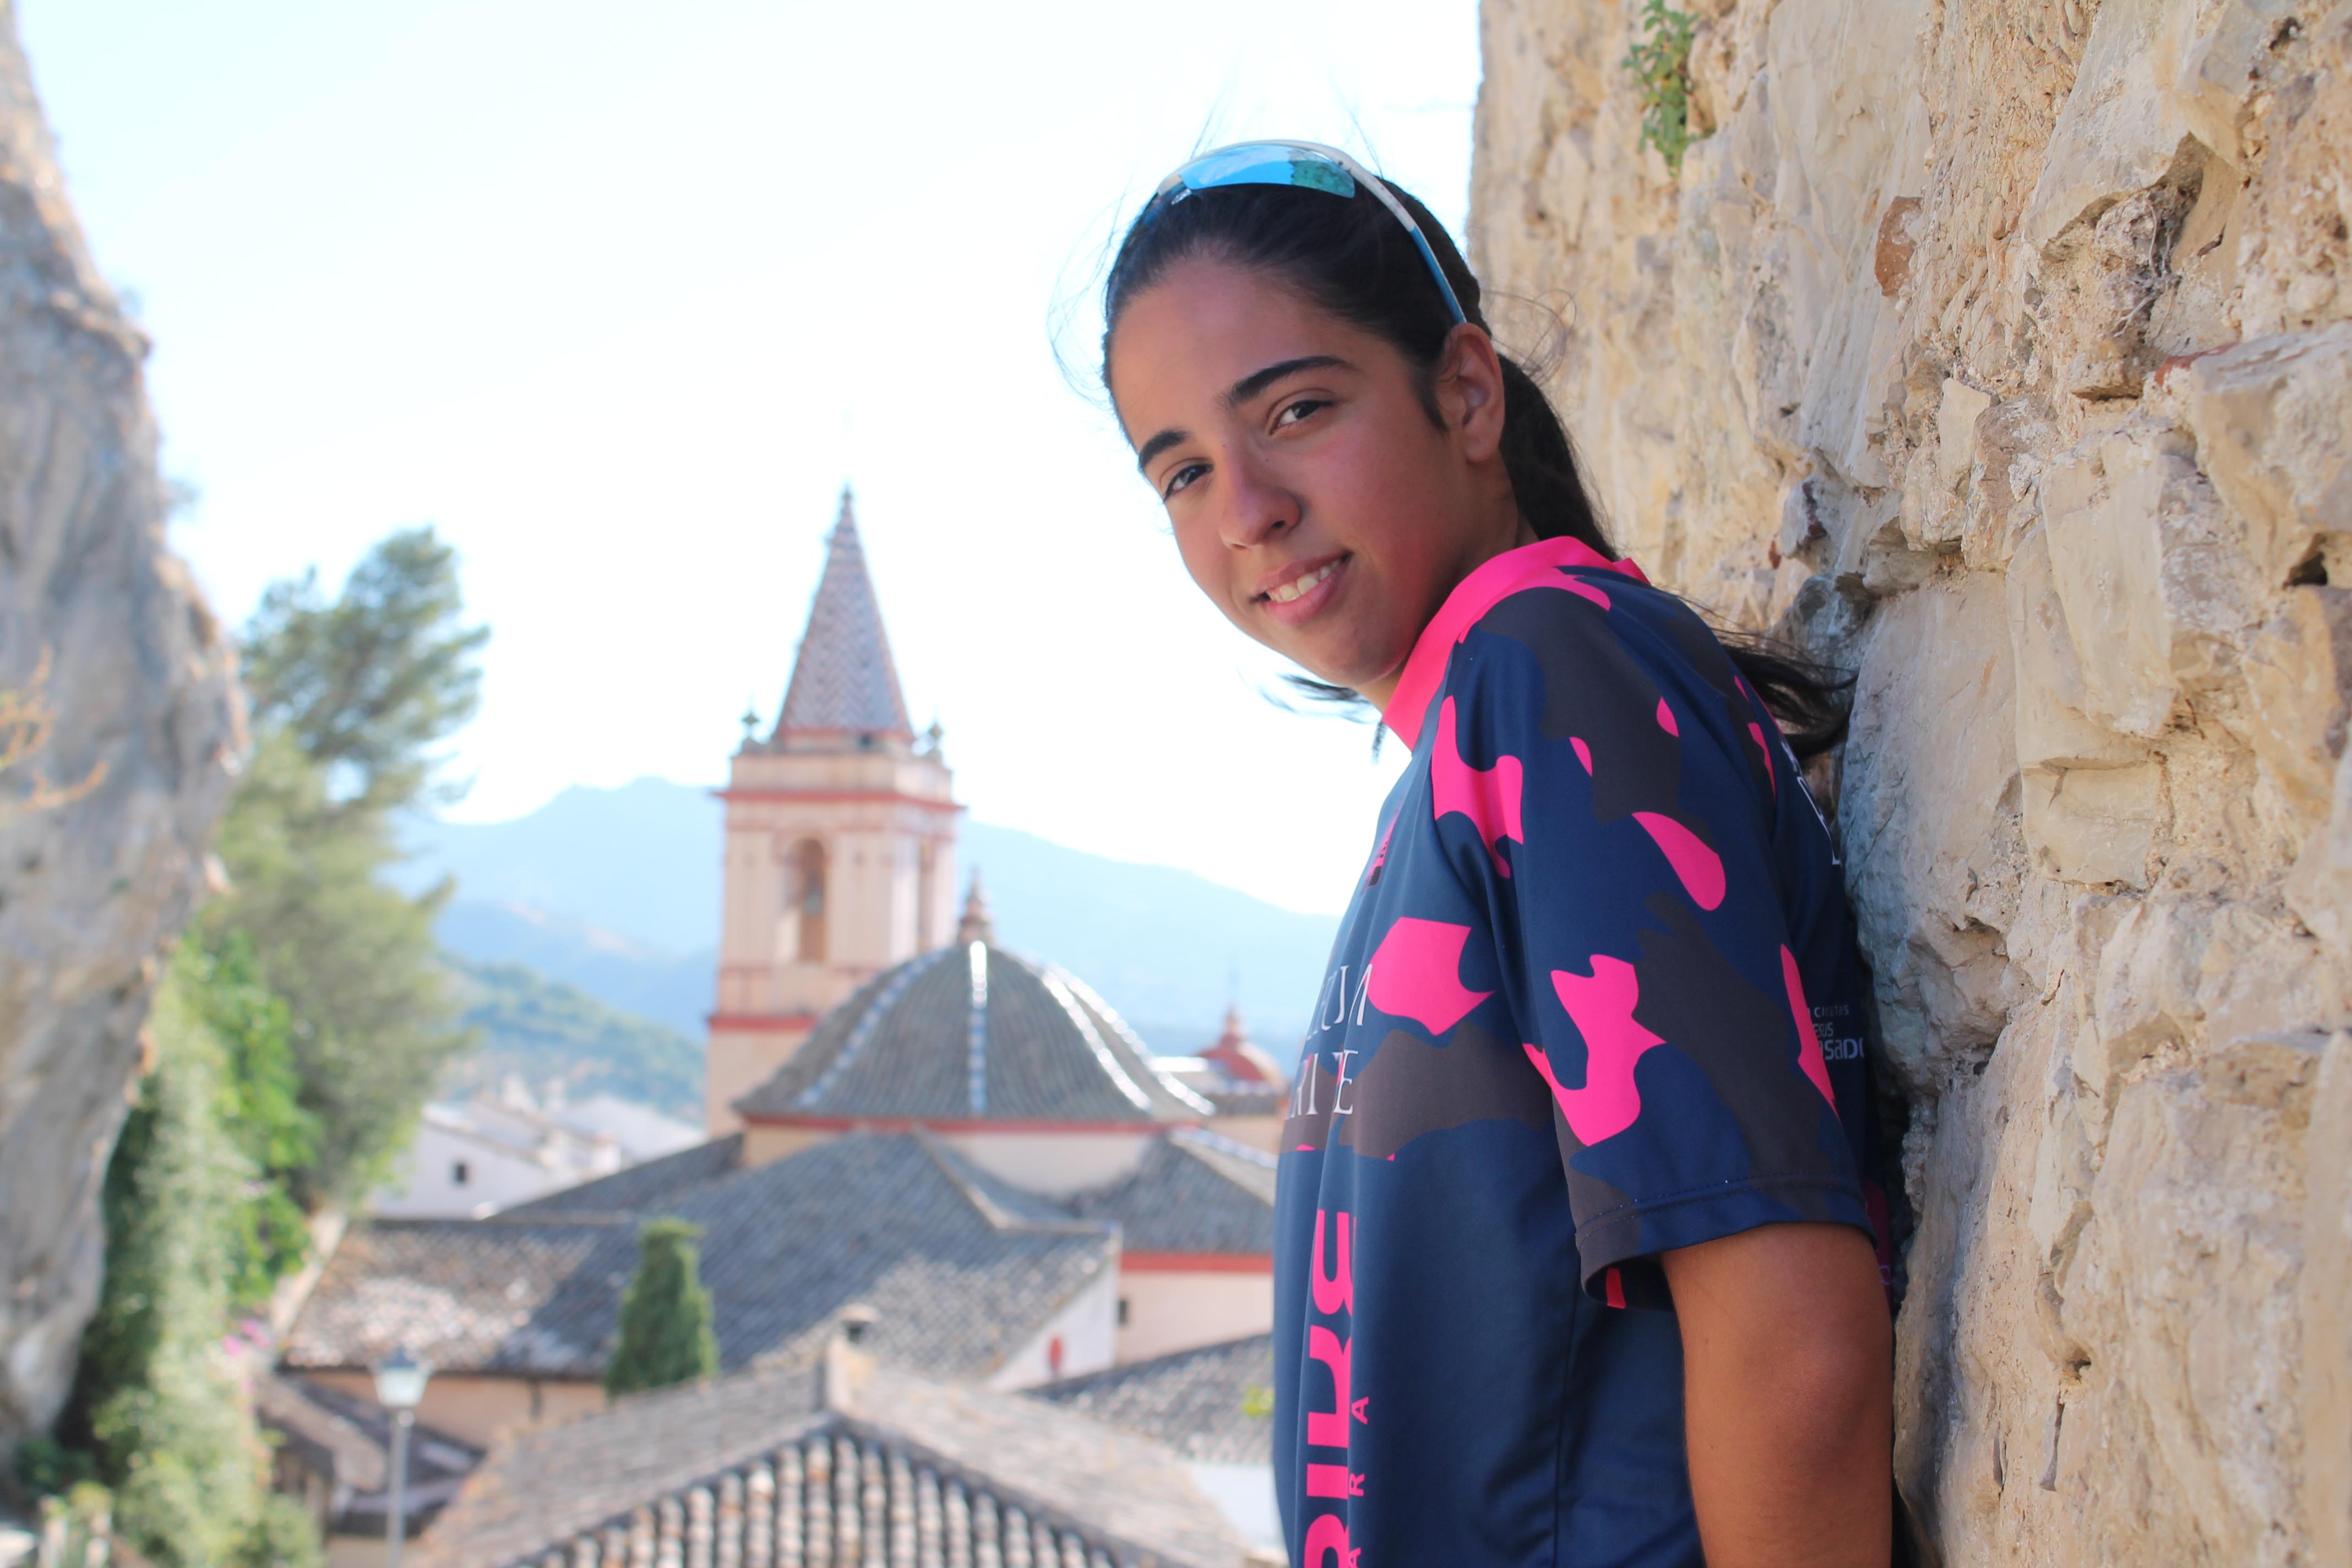 Teresa Palma, zahareña que ha superado una discapacidad gracias al deporte./ J.A.M.